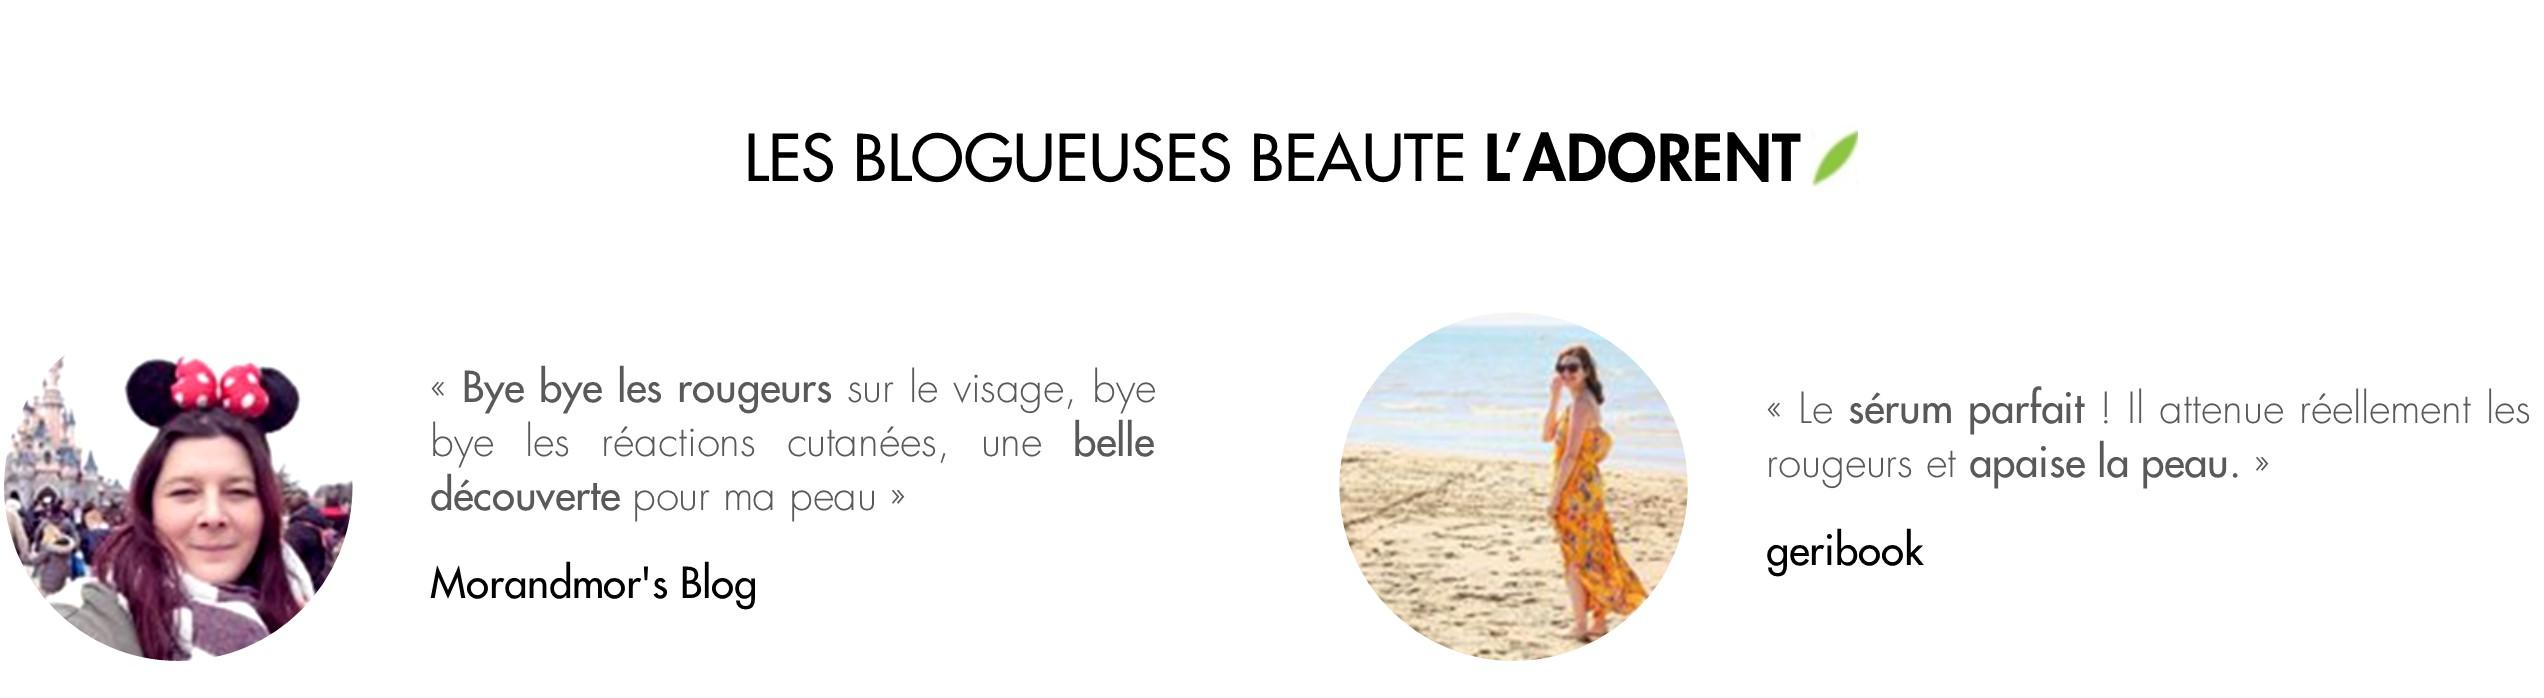 Les blogueuses beauté l'adorent